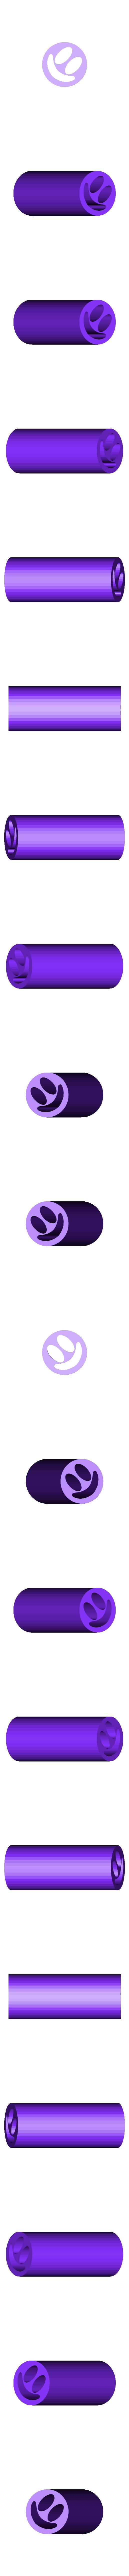 el comediante.v2.STL Télécharger fichier STL VOL.1 -- 9 CONSEILS SUR LES FILTRES ANTI-MAUVAISES HERBES • Plan imprimable en 3D, SnakeCreations